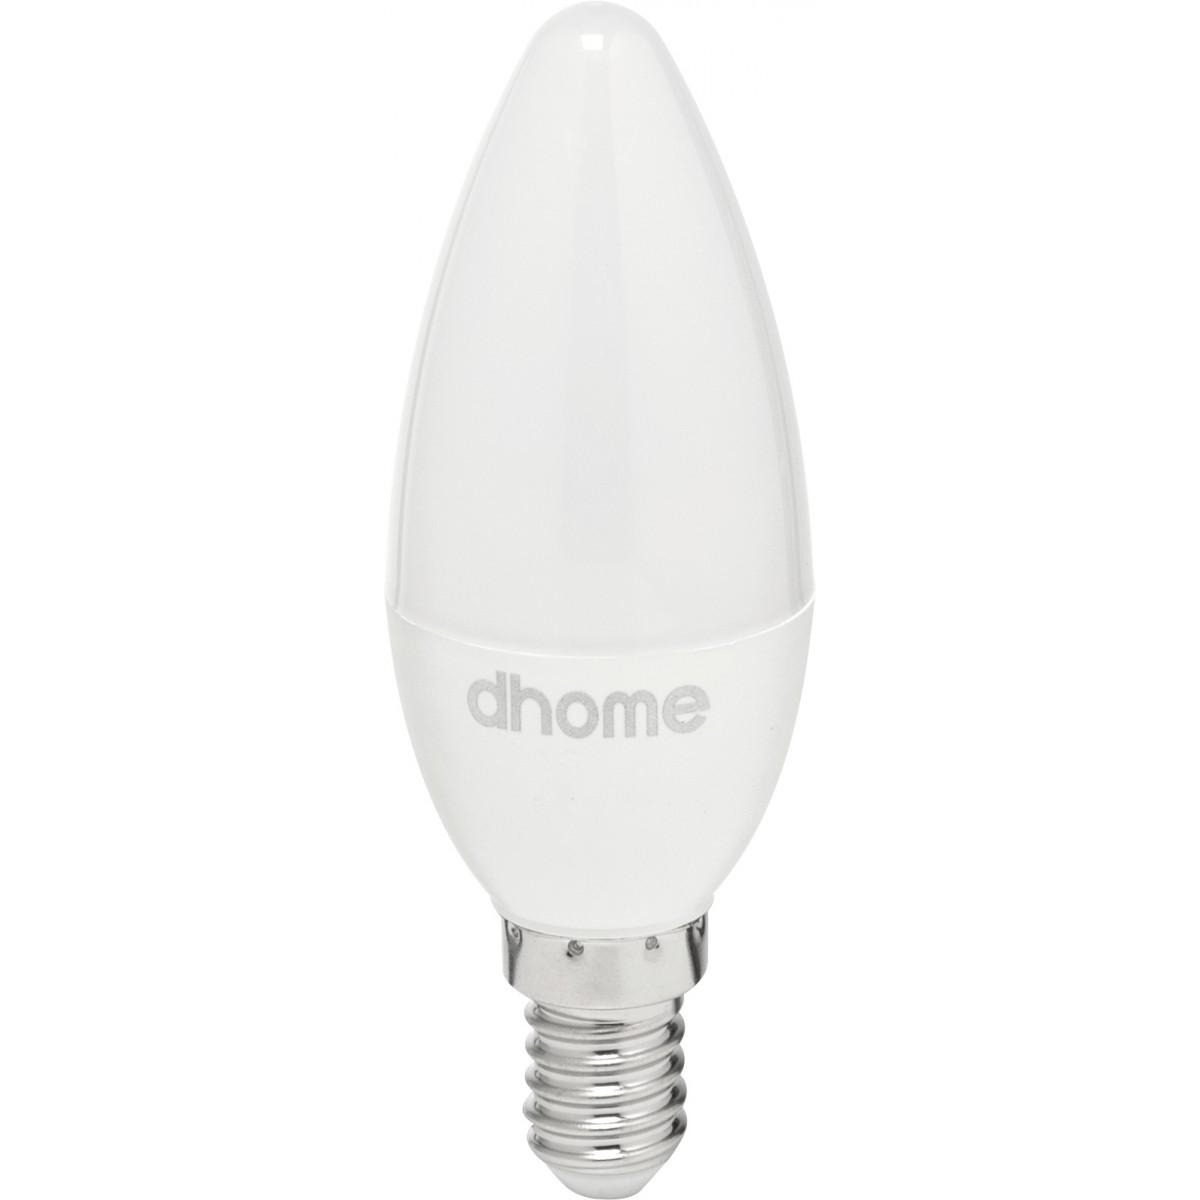 Ampoule LED flamme E14 dhome - 470 Lumens - 5 W - 4000 K - Vendu par 10